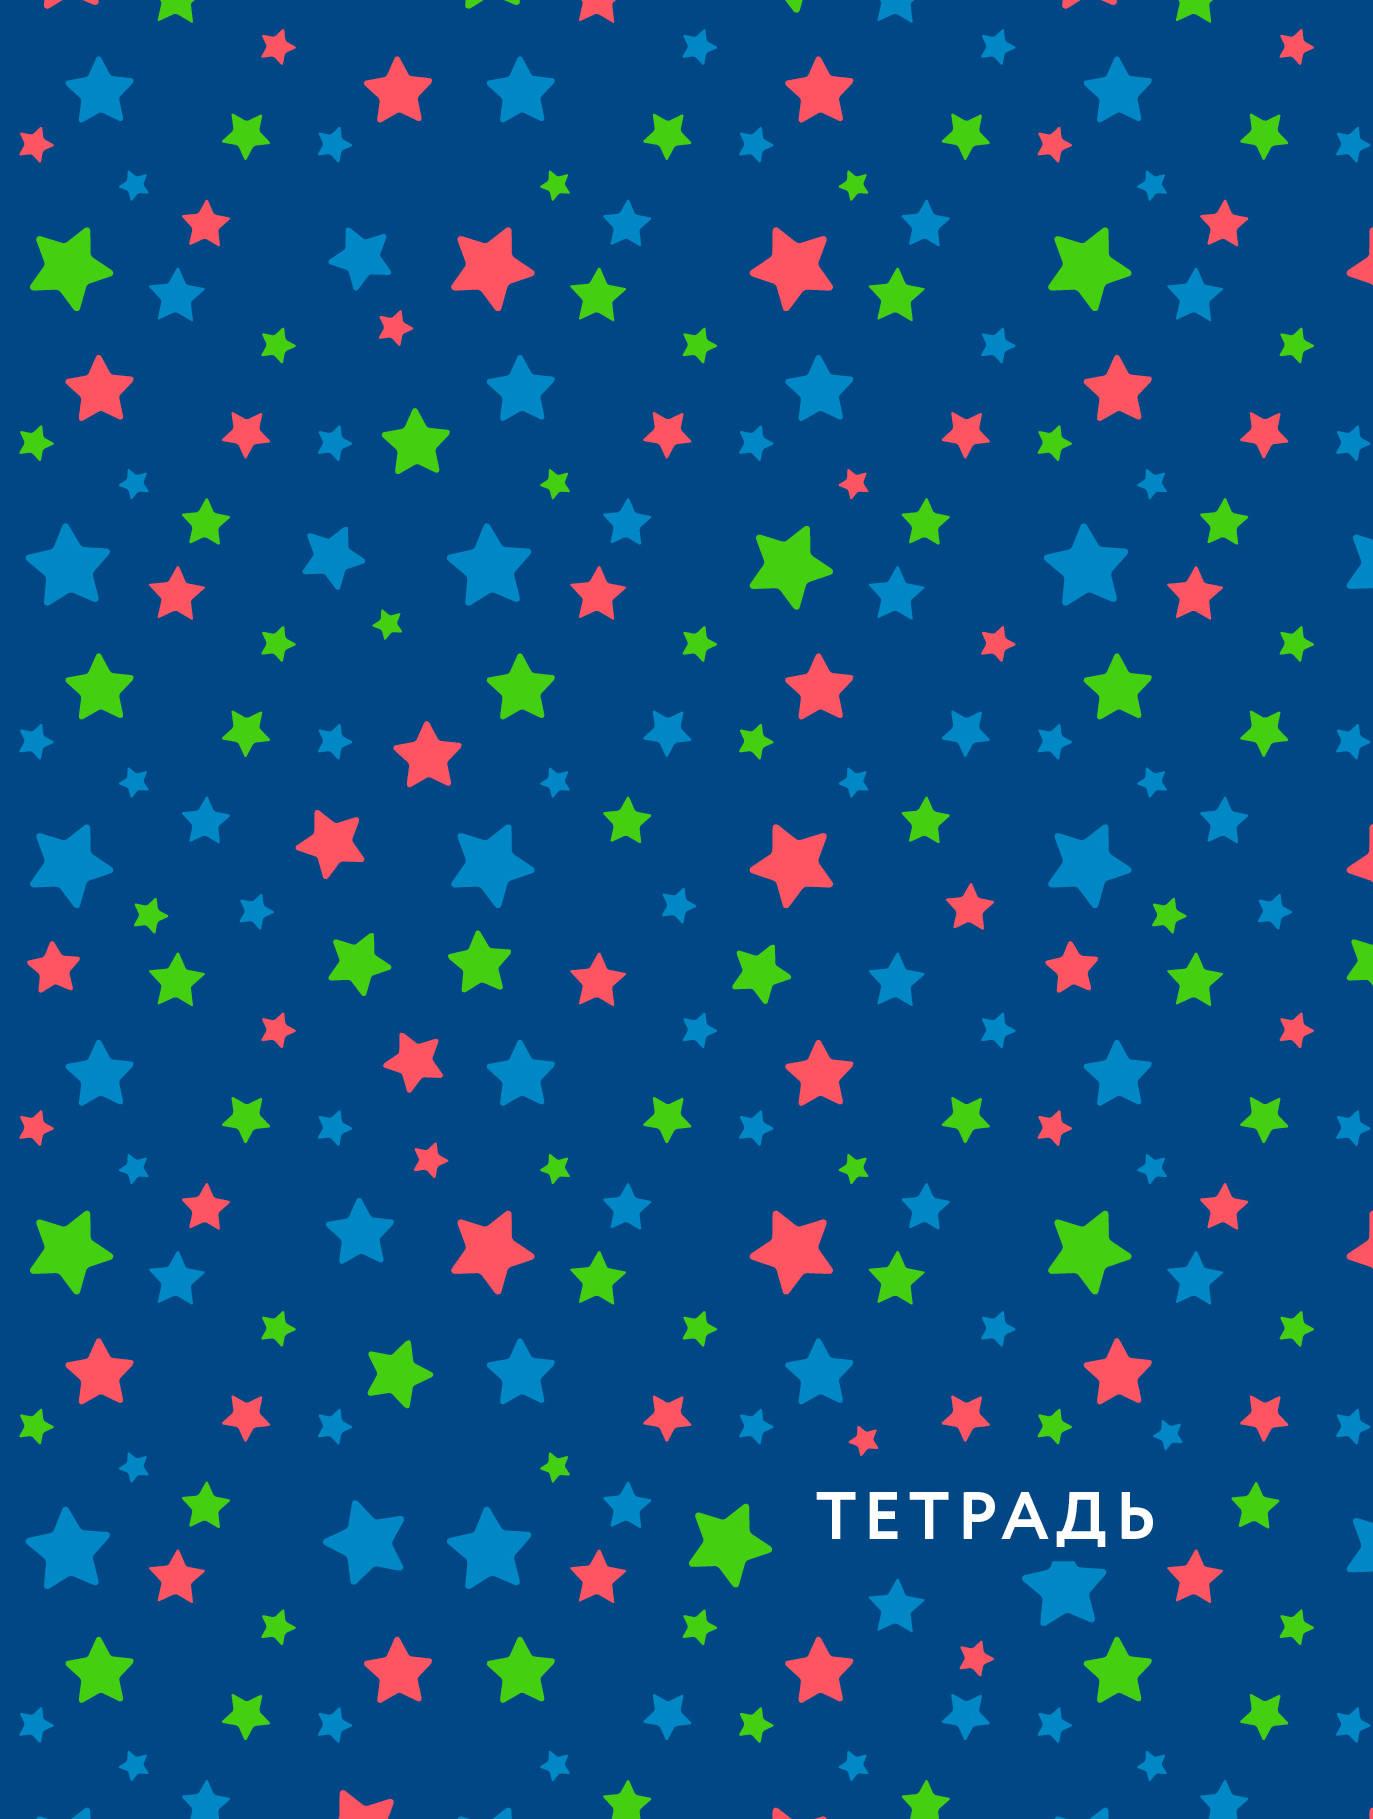 Звездное небо. Тетрадь общая, А5, 48л., накидка, 4 п. полноцвет., выб. лак